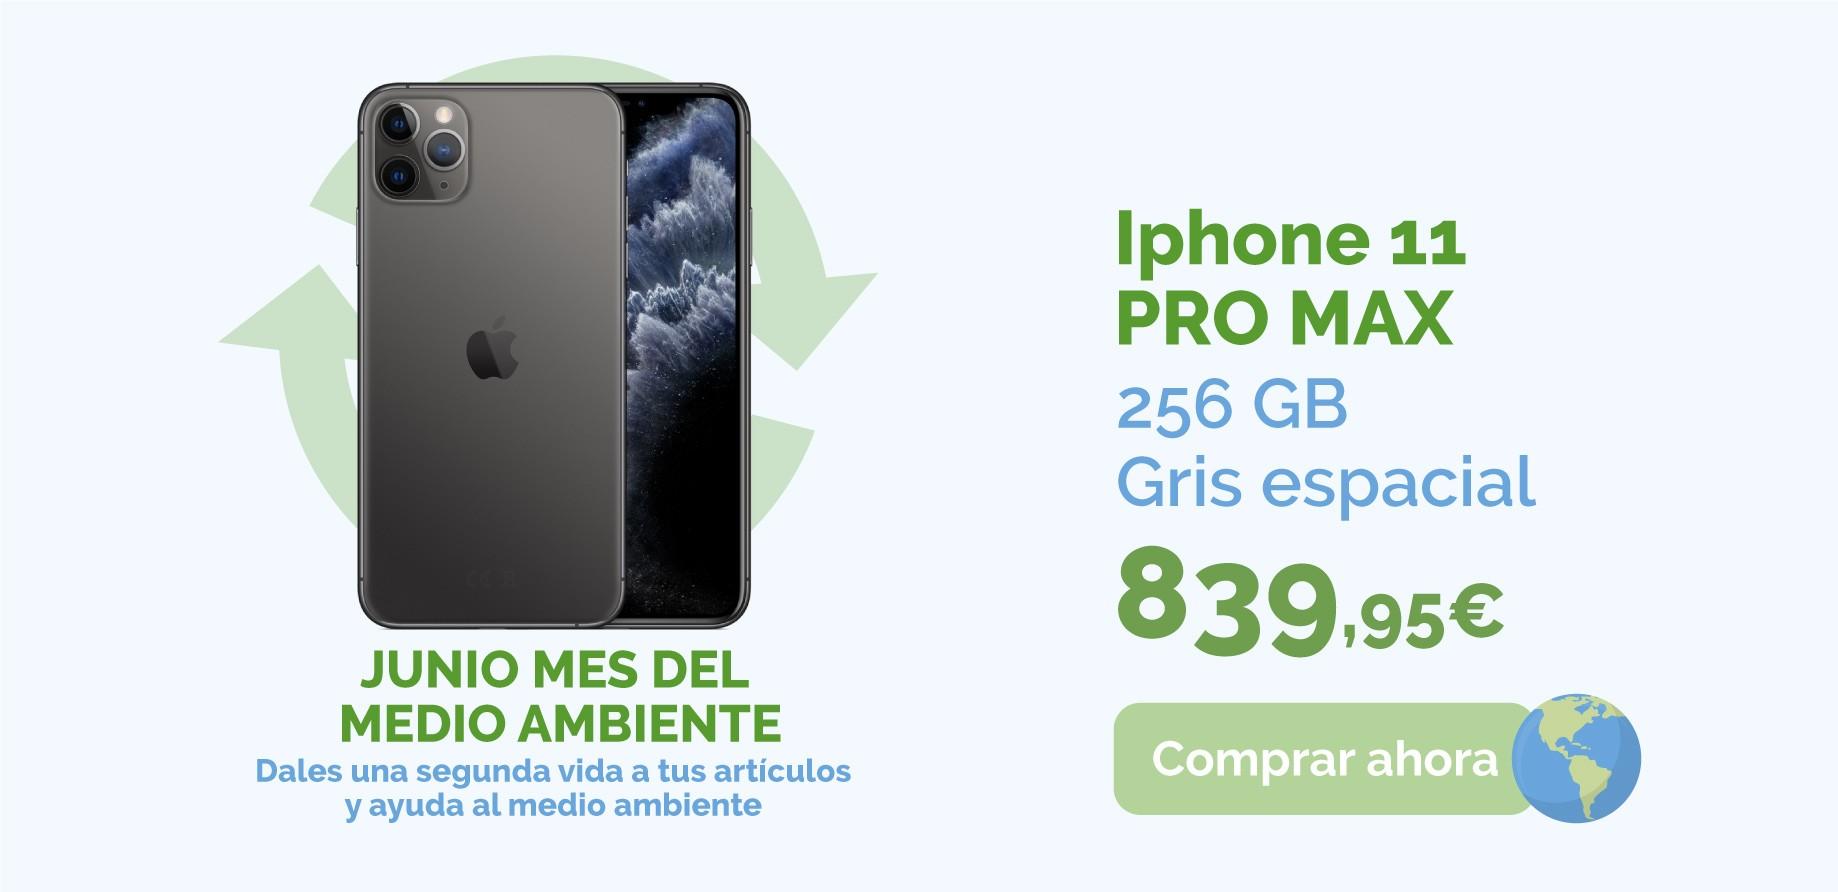 iPhone 11 Pro Max 256GB gris espacial de segunda mano